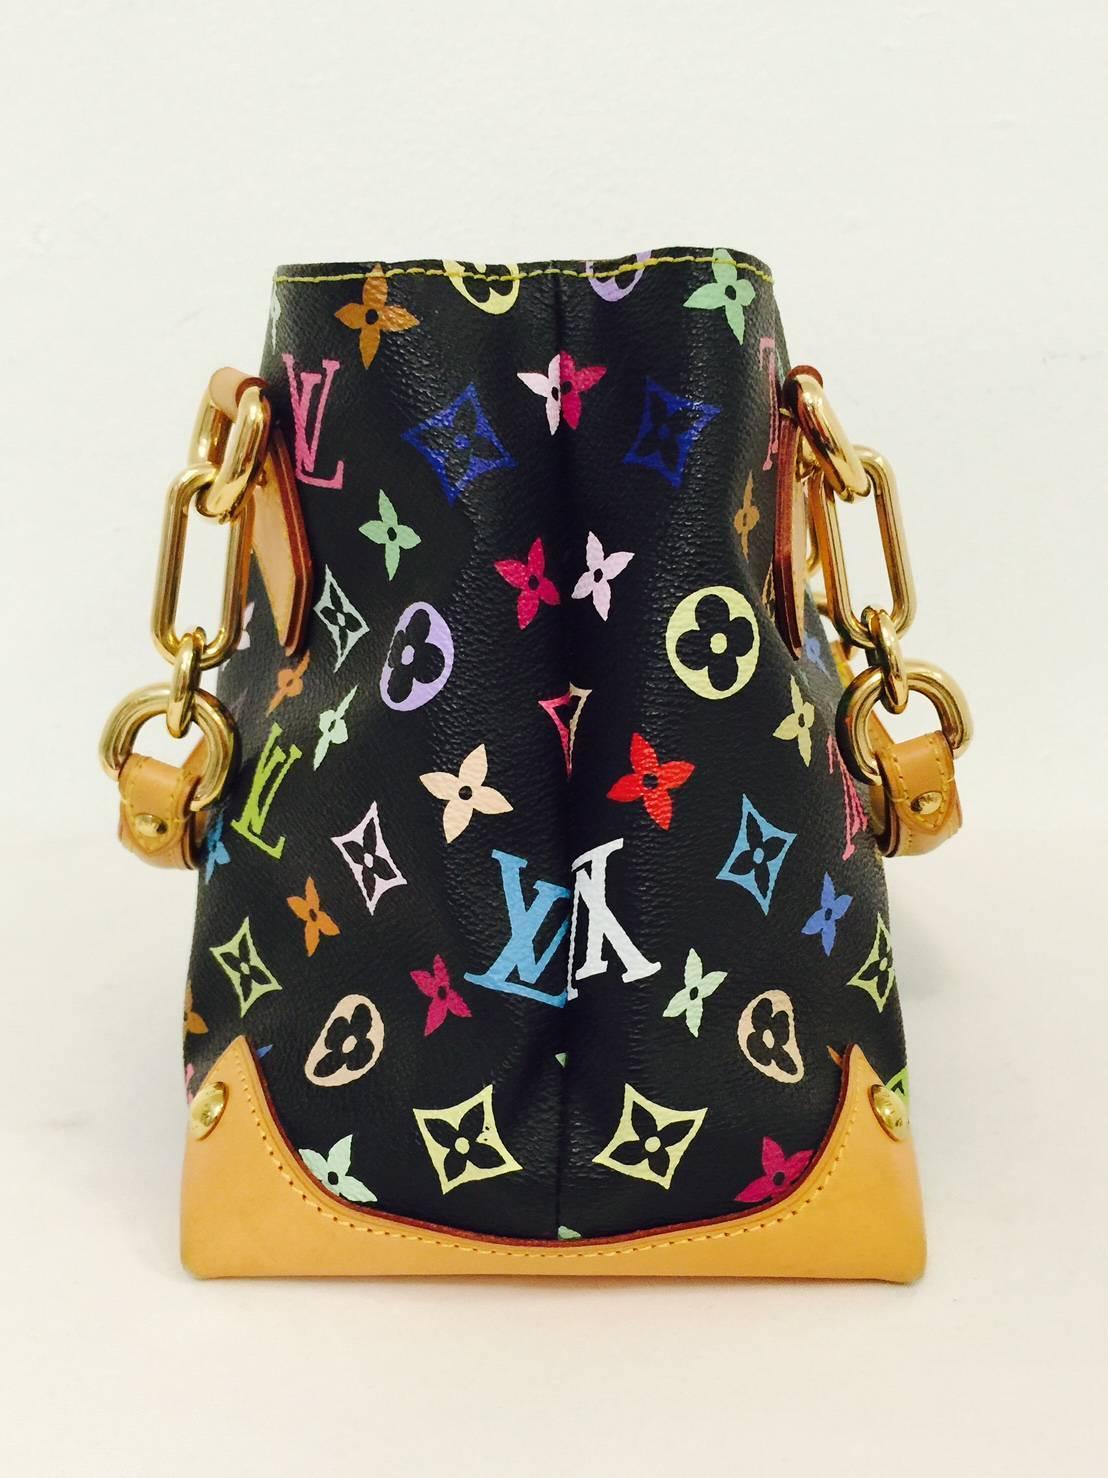 louis vuitton audra satchel with 7 bonus charms